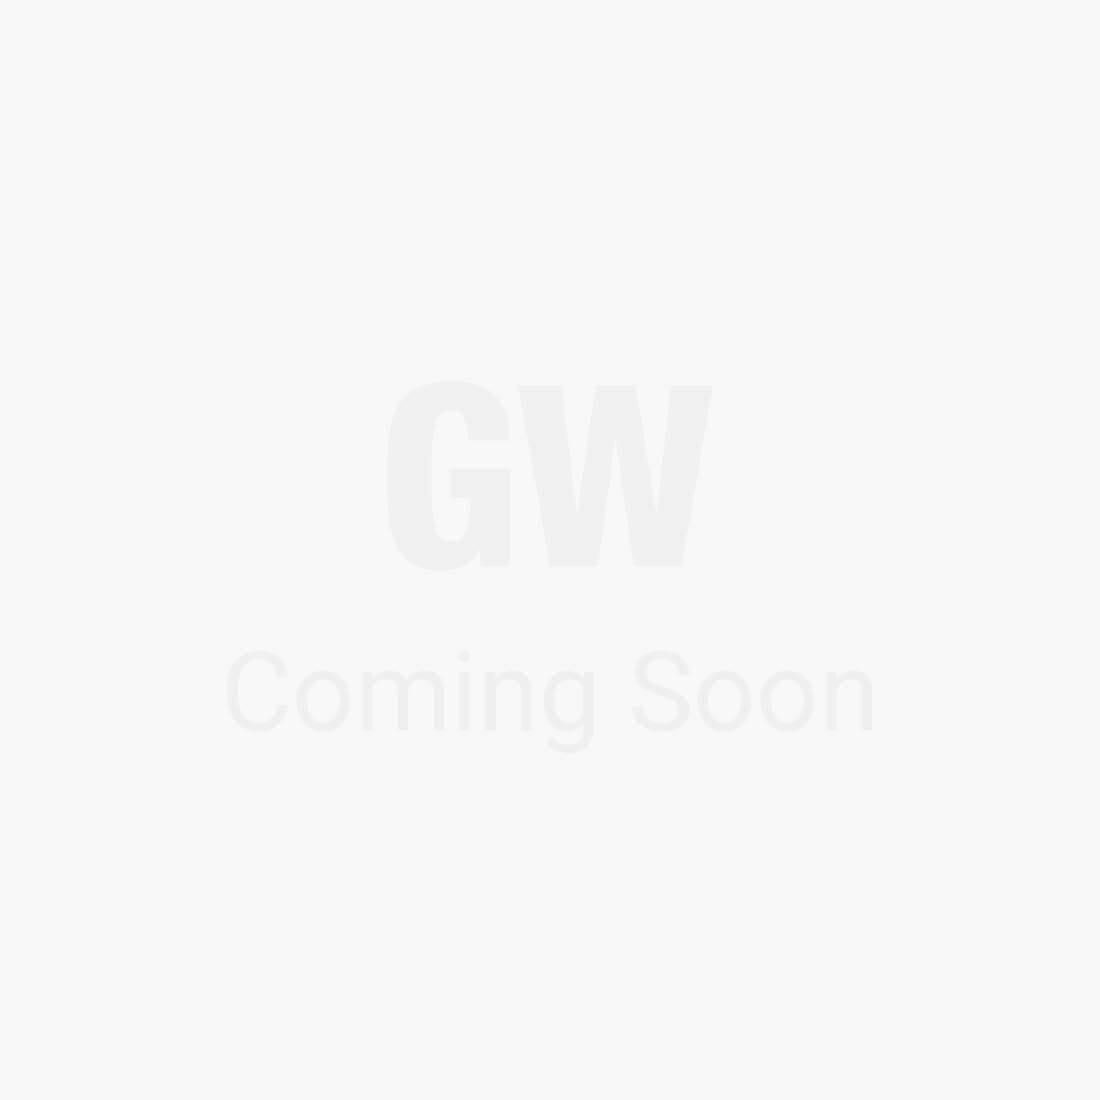 Warehouse Sale Melb Details Apr 2018